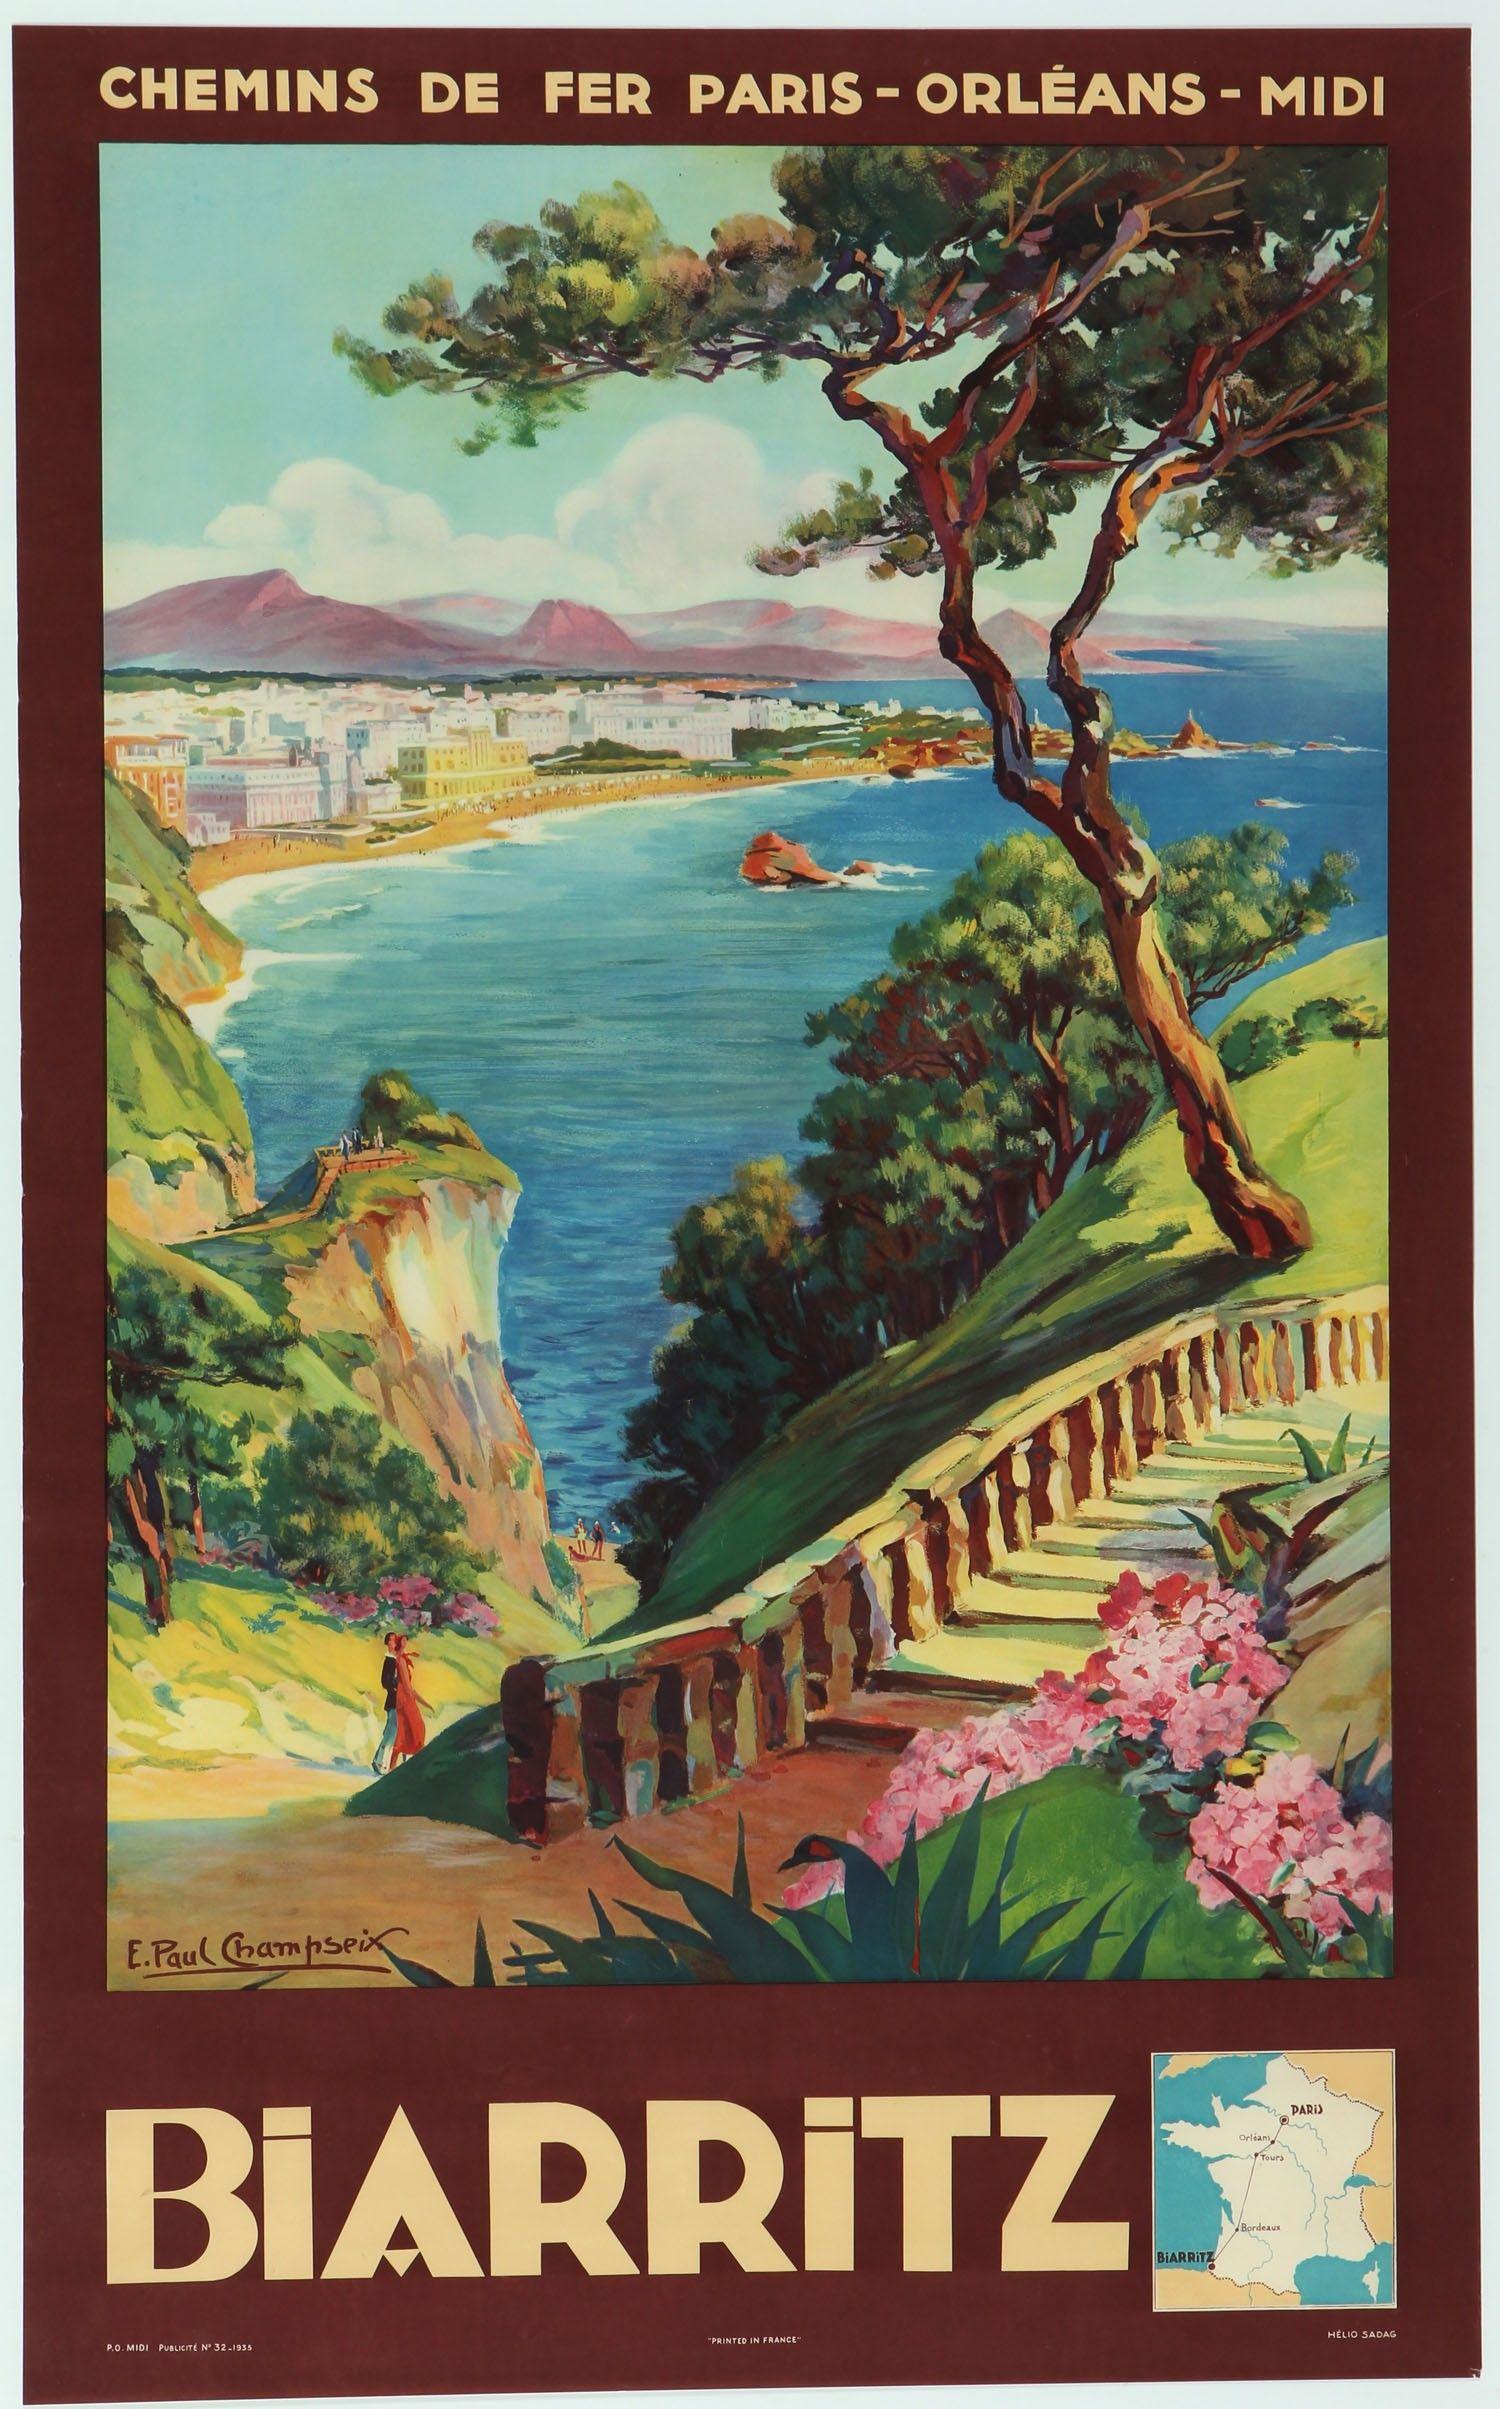 Original Vintage Poster Biarritz Pays Basque E Paul Champseix Retro Travel Poster Vintage Travel Posters Travel Posters